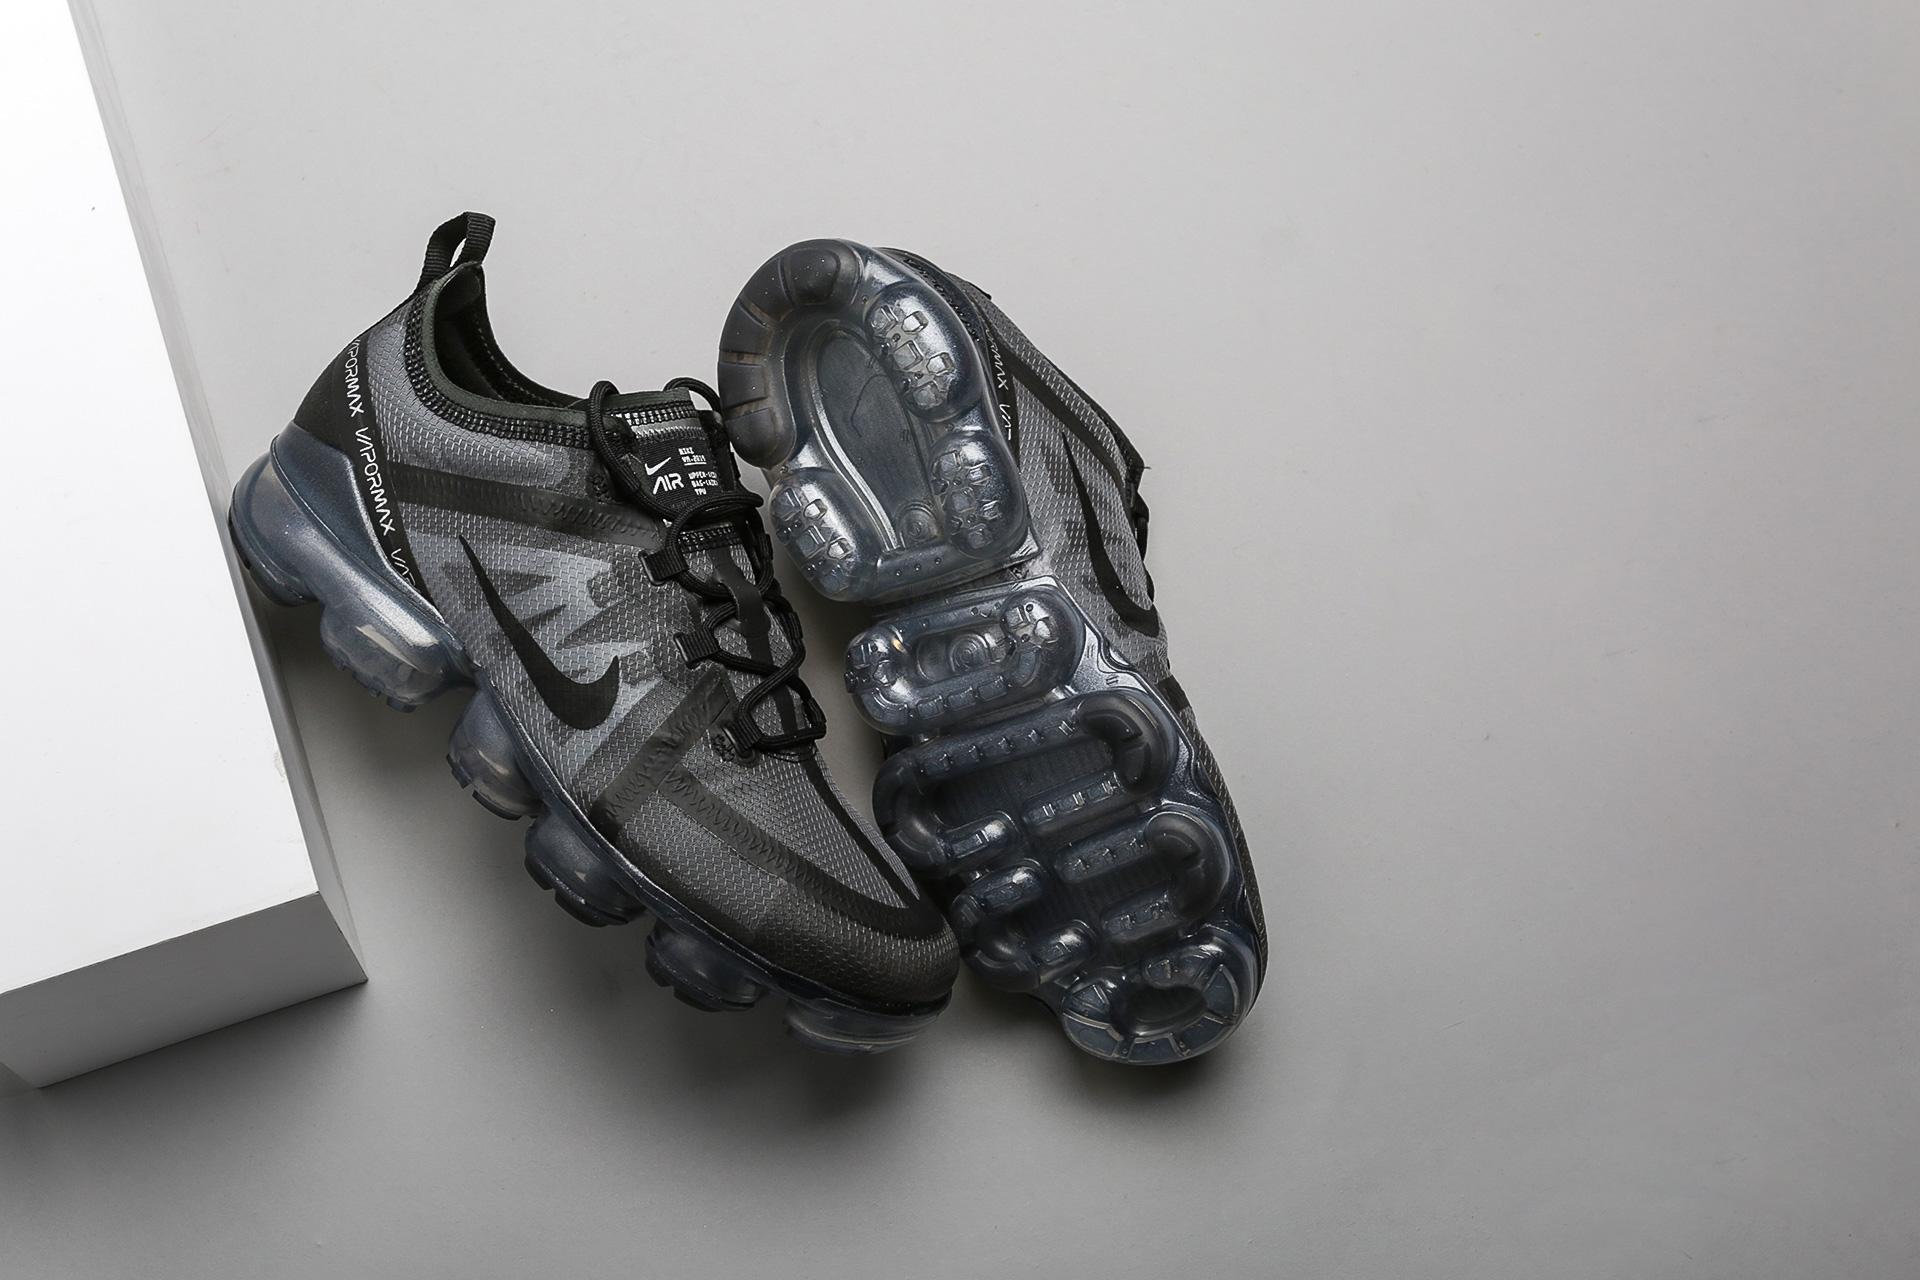 0caef051 ... Купить мужские серые кроссовки Nike Air Vapormax 2019 - фото 6 картинки  ...